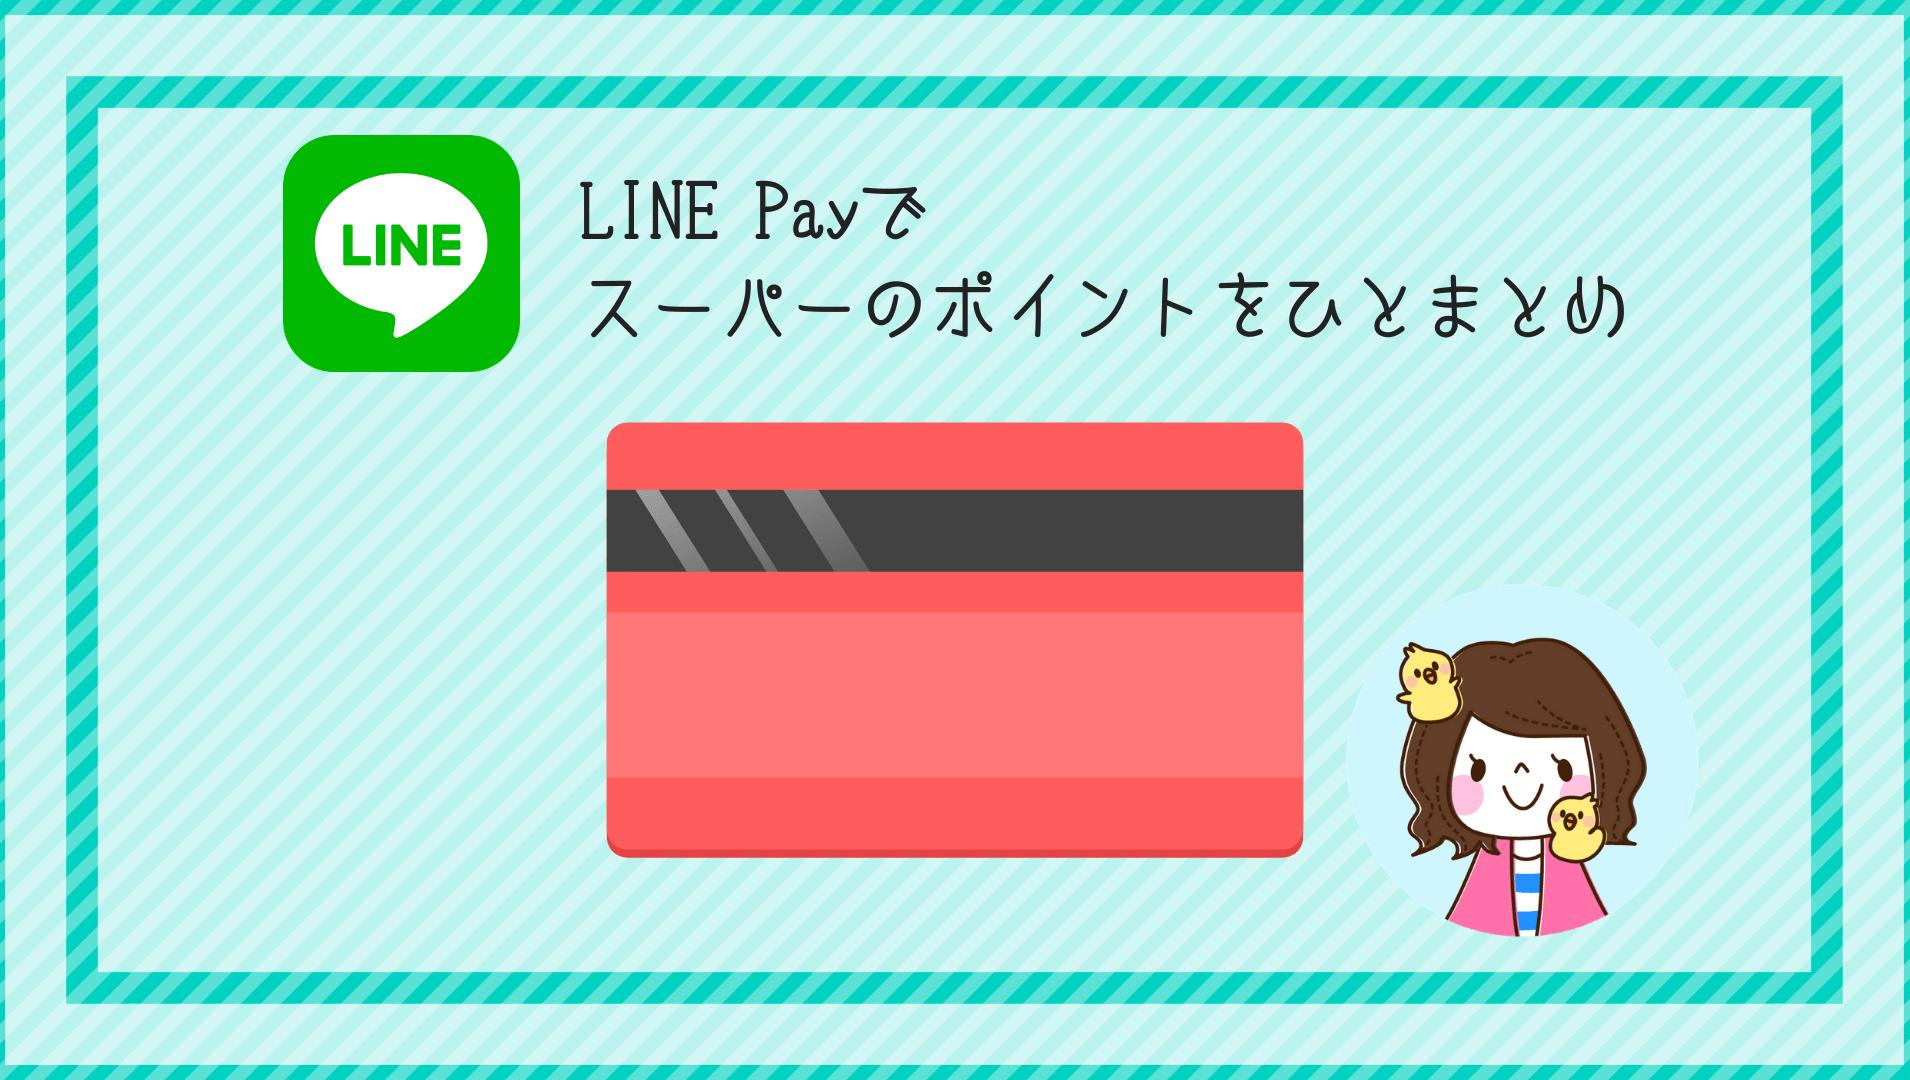 LINE Payでスーパーのポイントをひとまとめ